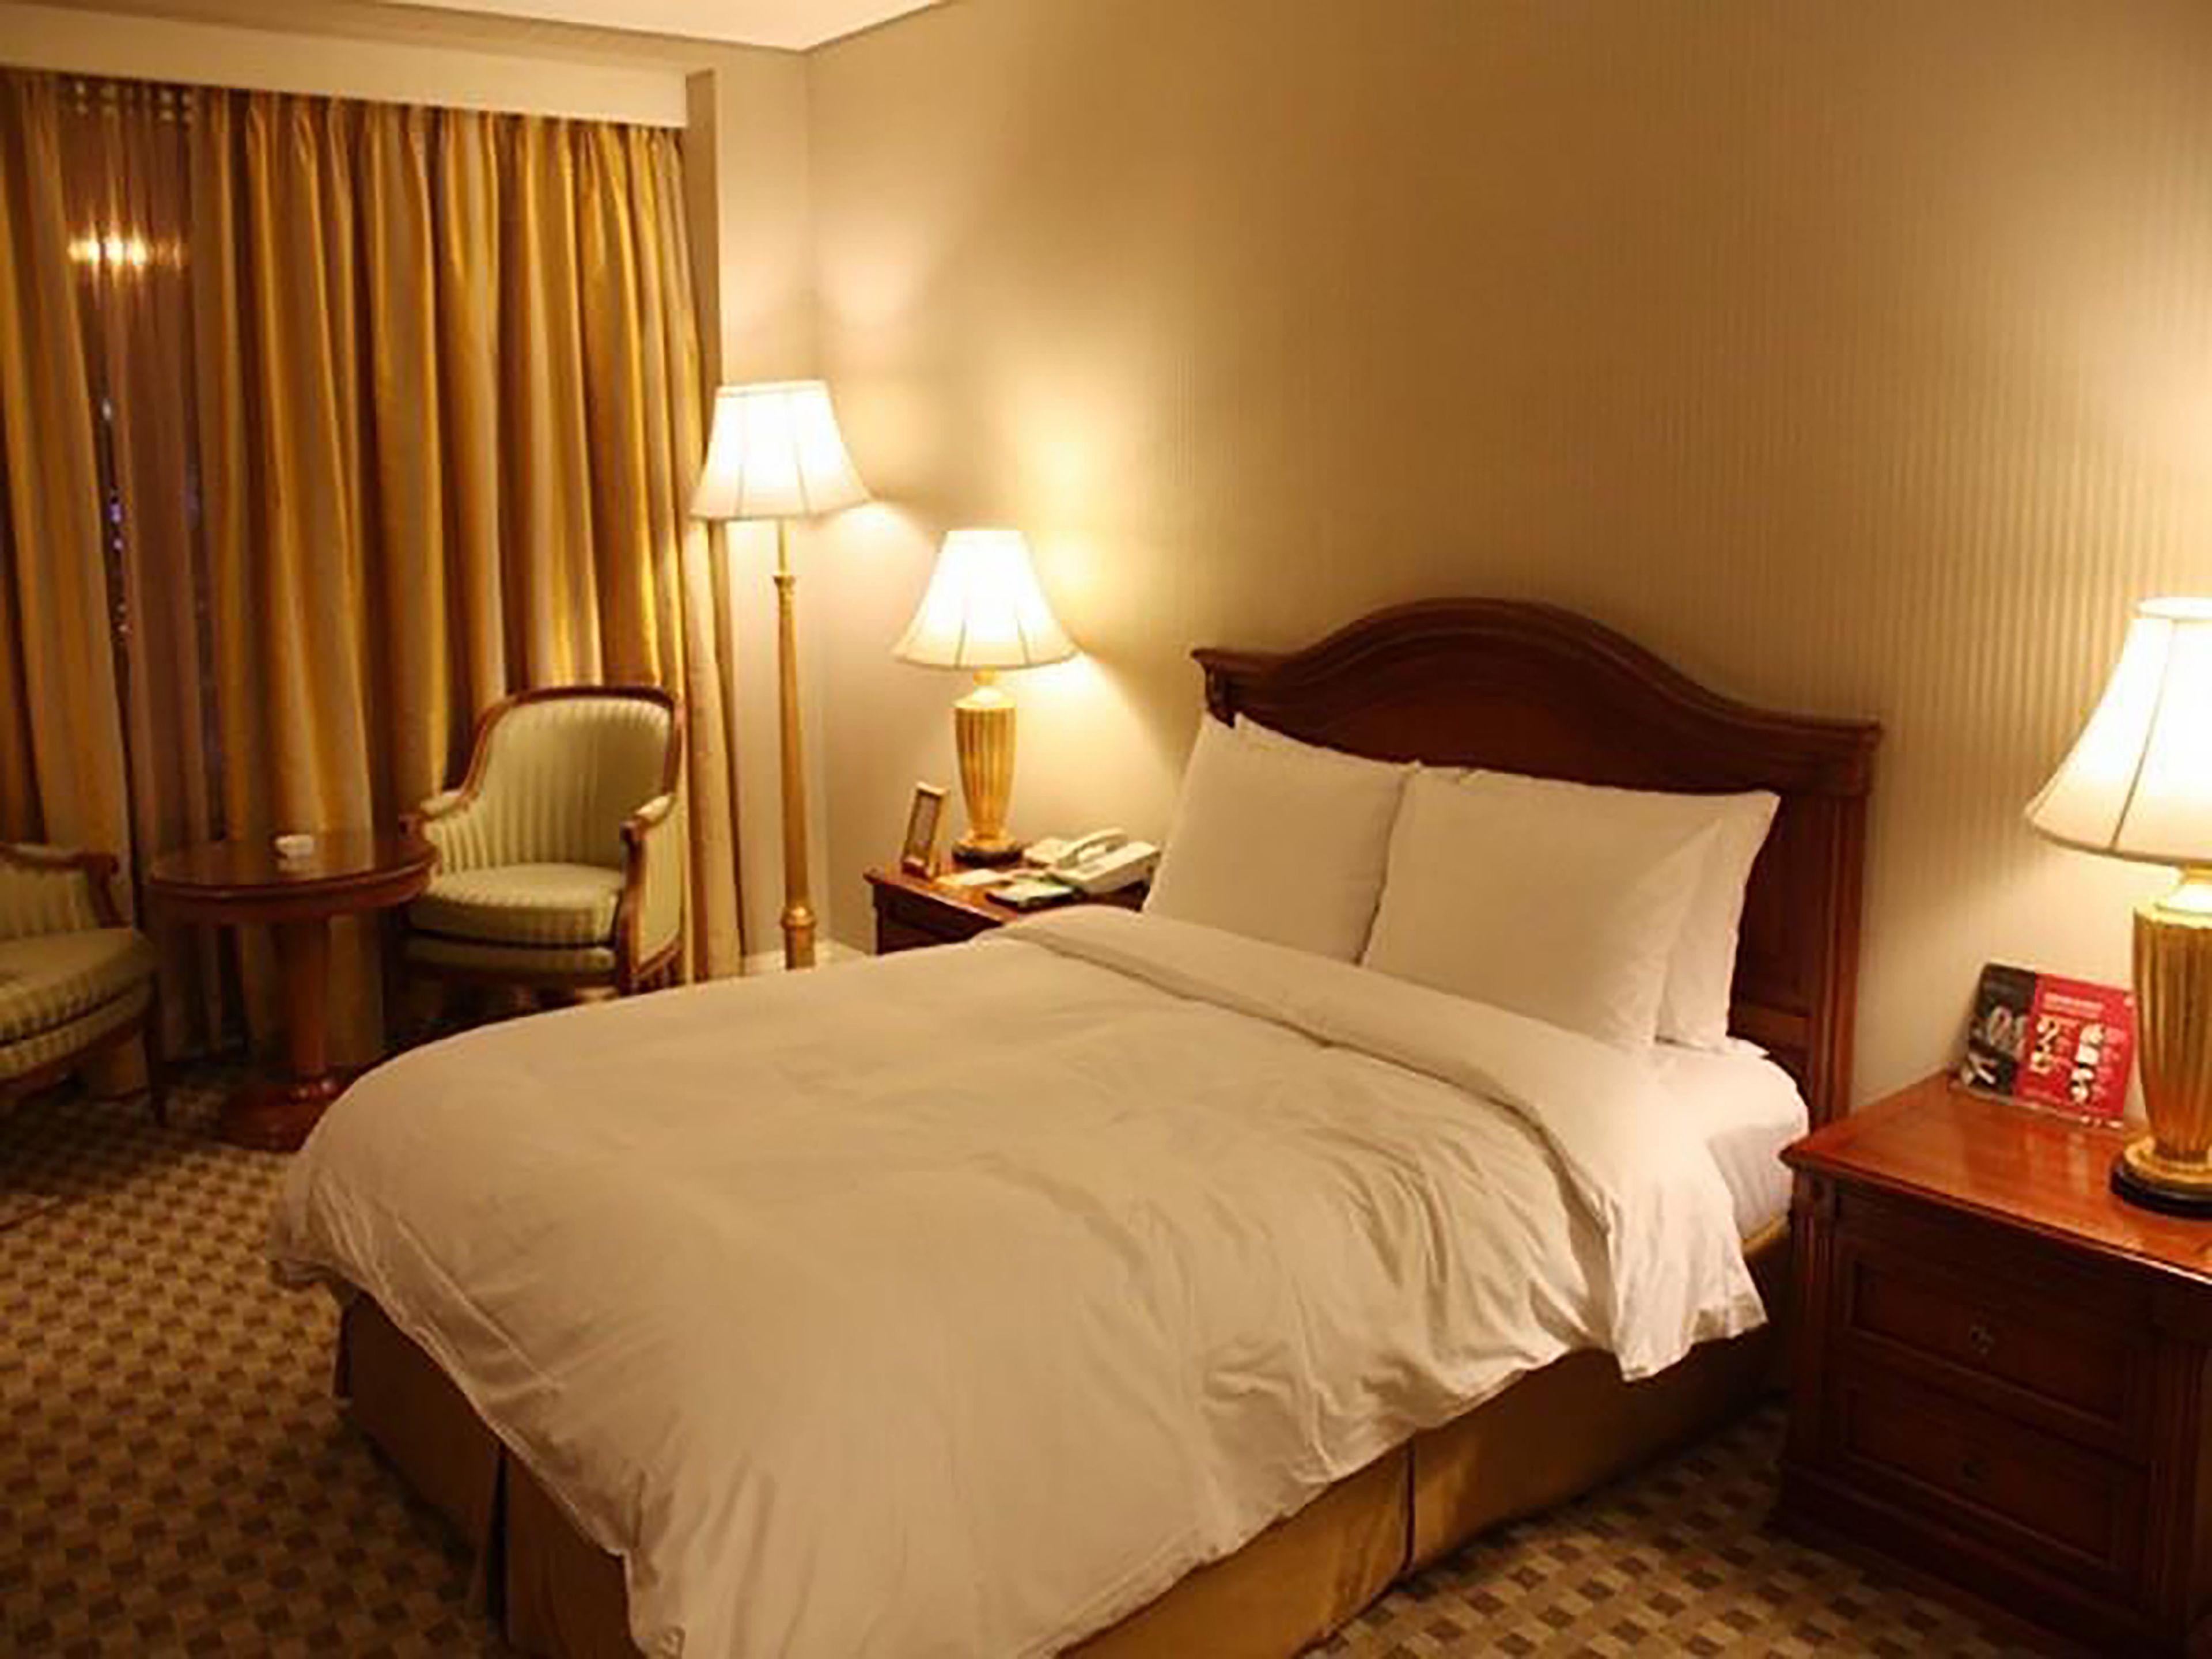 ハイ 1 グランド ホテル メイン タワー (カンウォンランド ホテル)